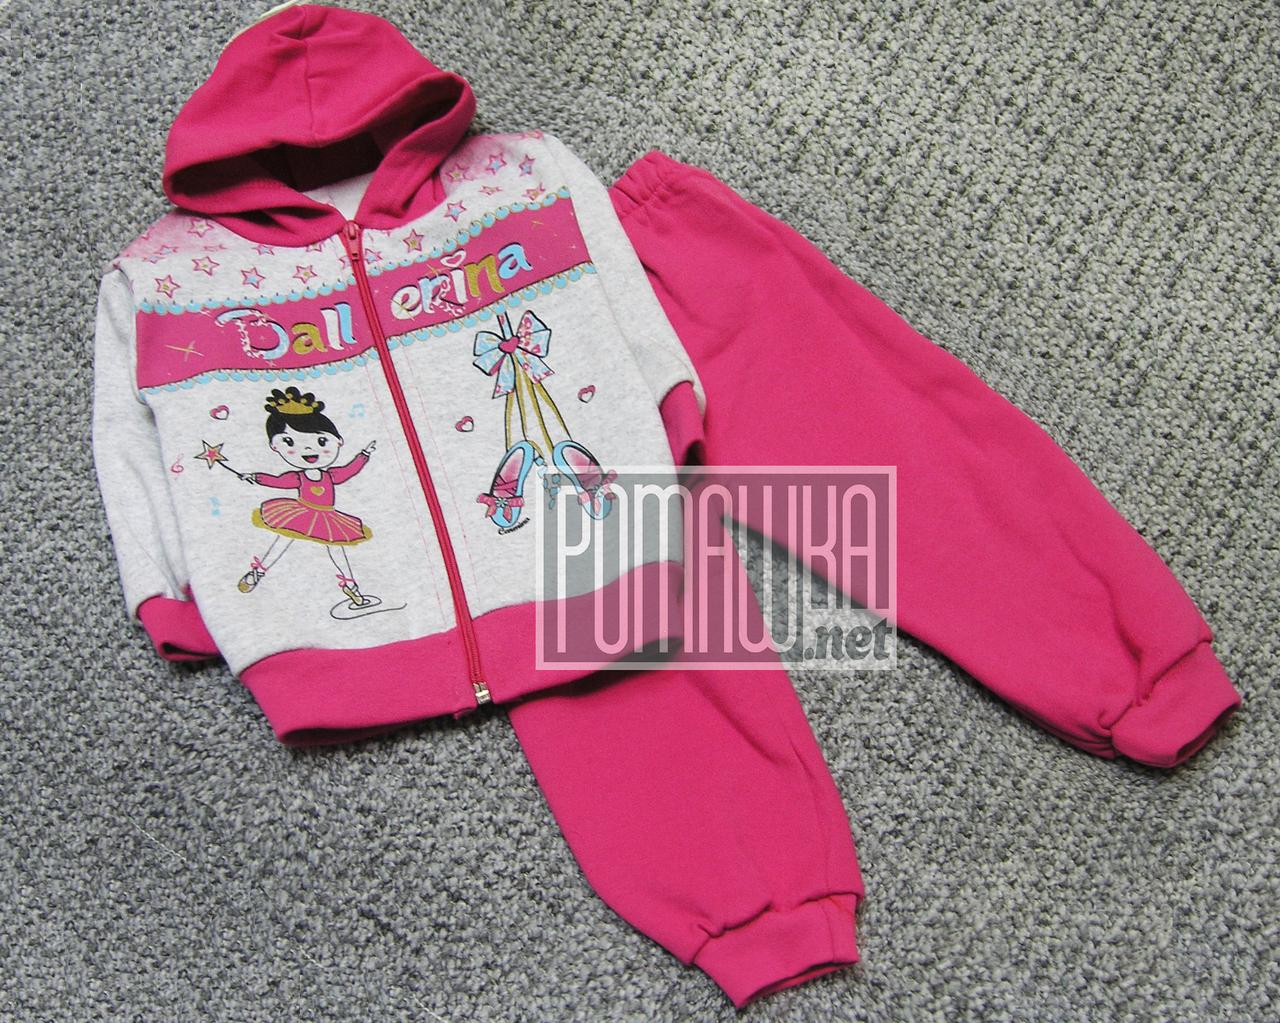 Тёплый флисовый 98 1,5-2 года детский спортивный костюм на девочку детей с начёсом на флисе ФУТЕР 4845 Розовый